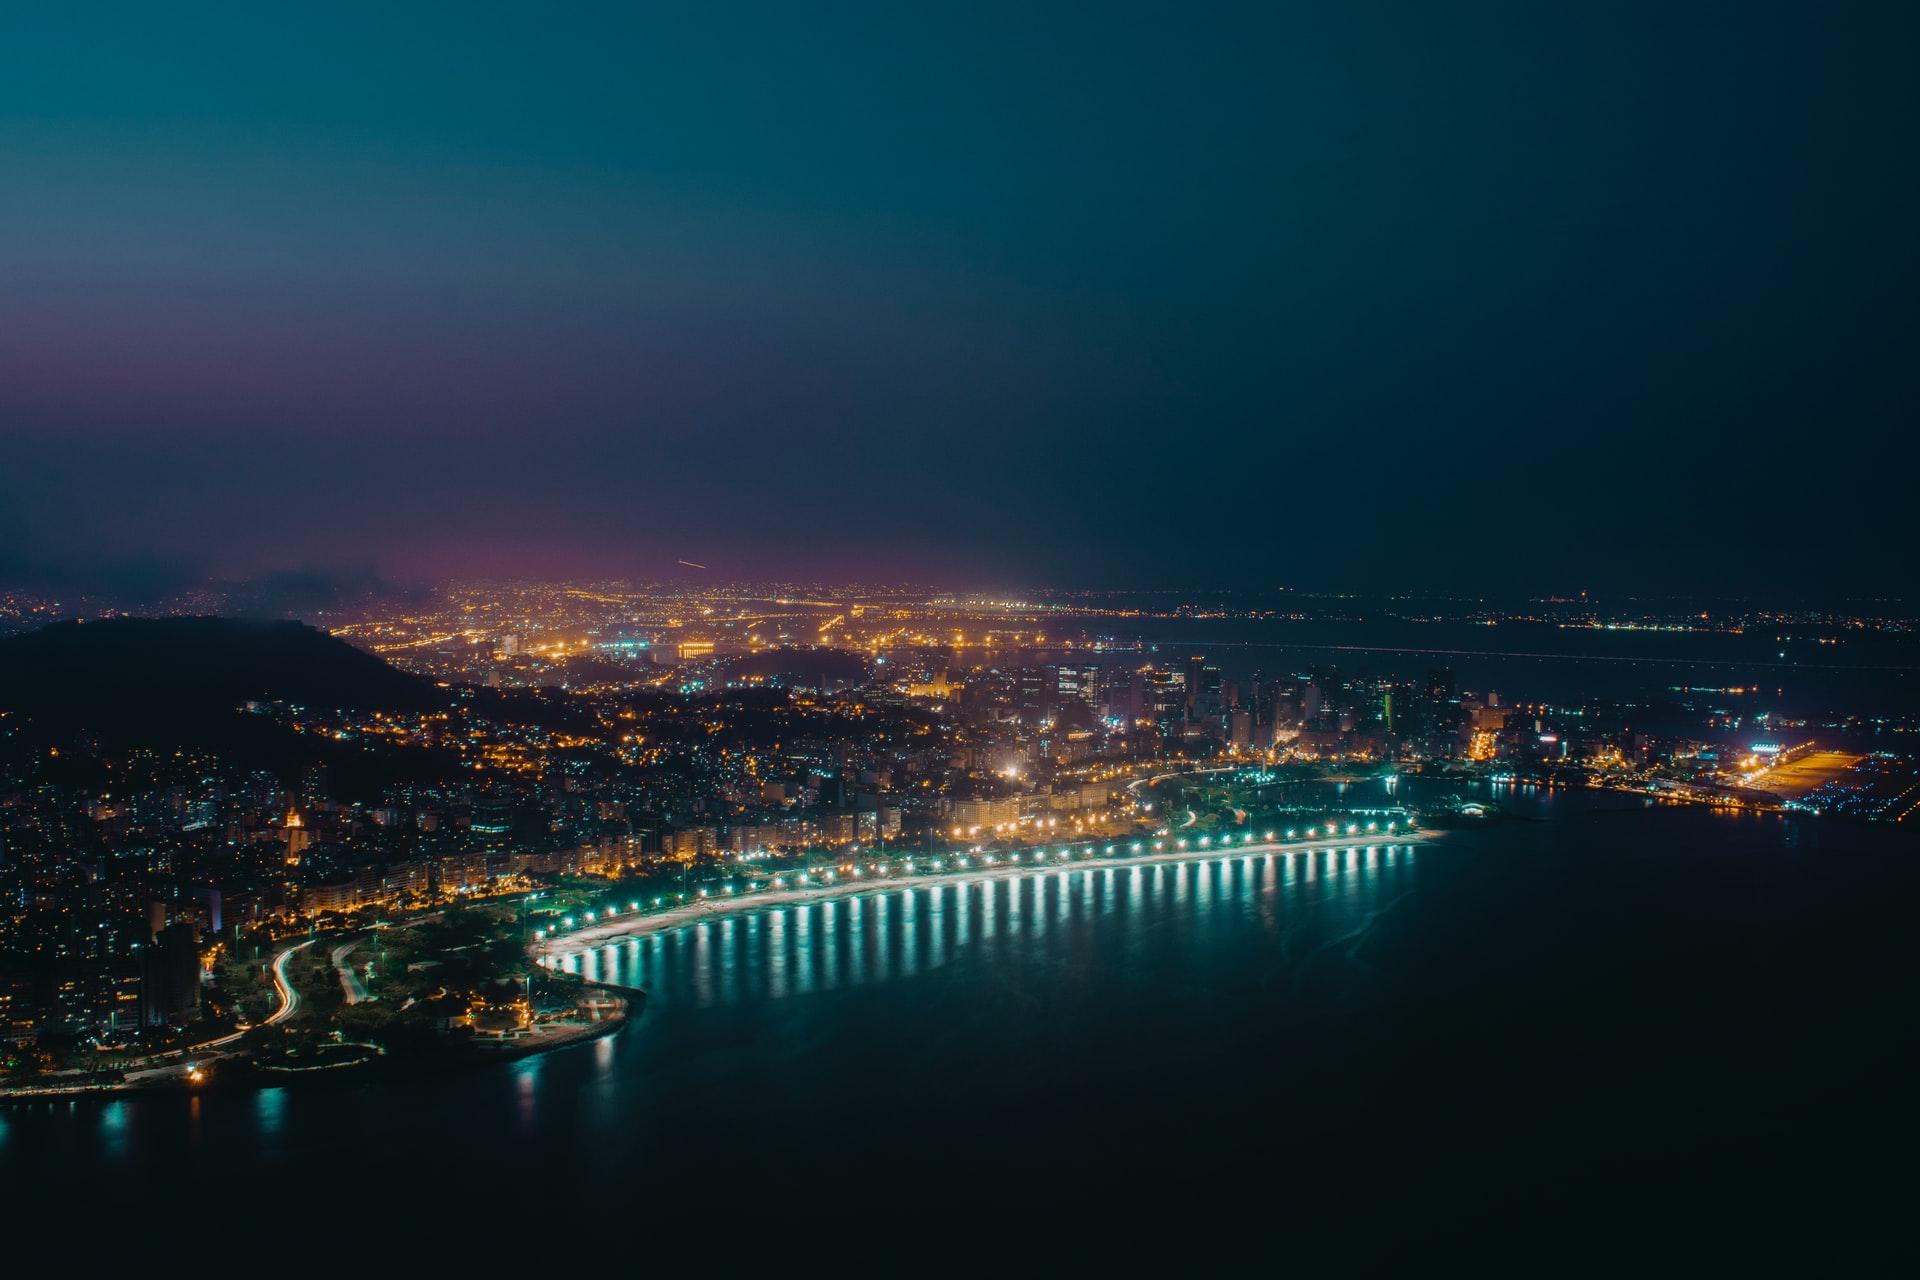 foto panorâmica da orla do Rio de Janeiro